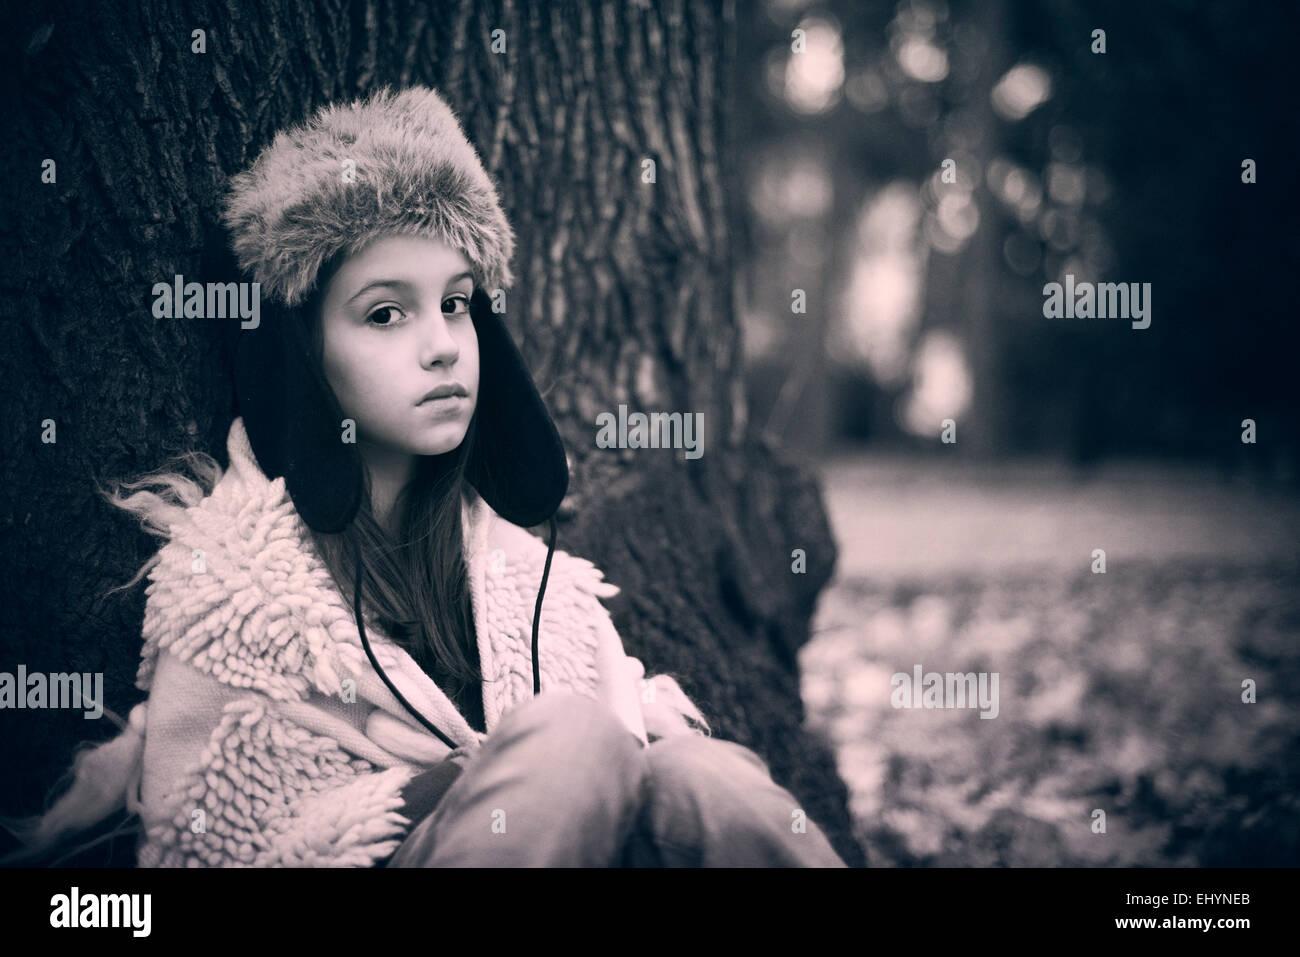 Trauriges Mädchen an einen Baum gelehnt Stockbild